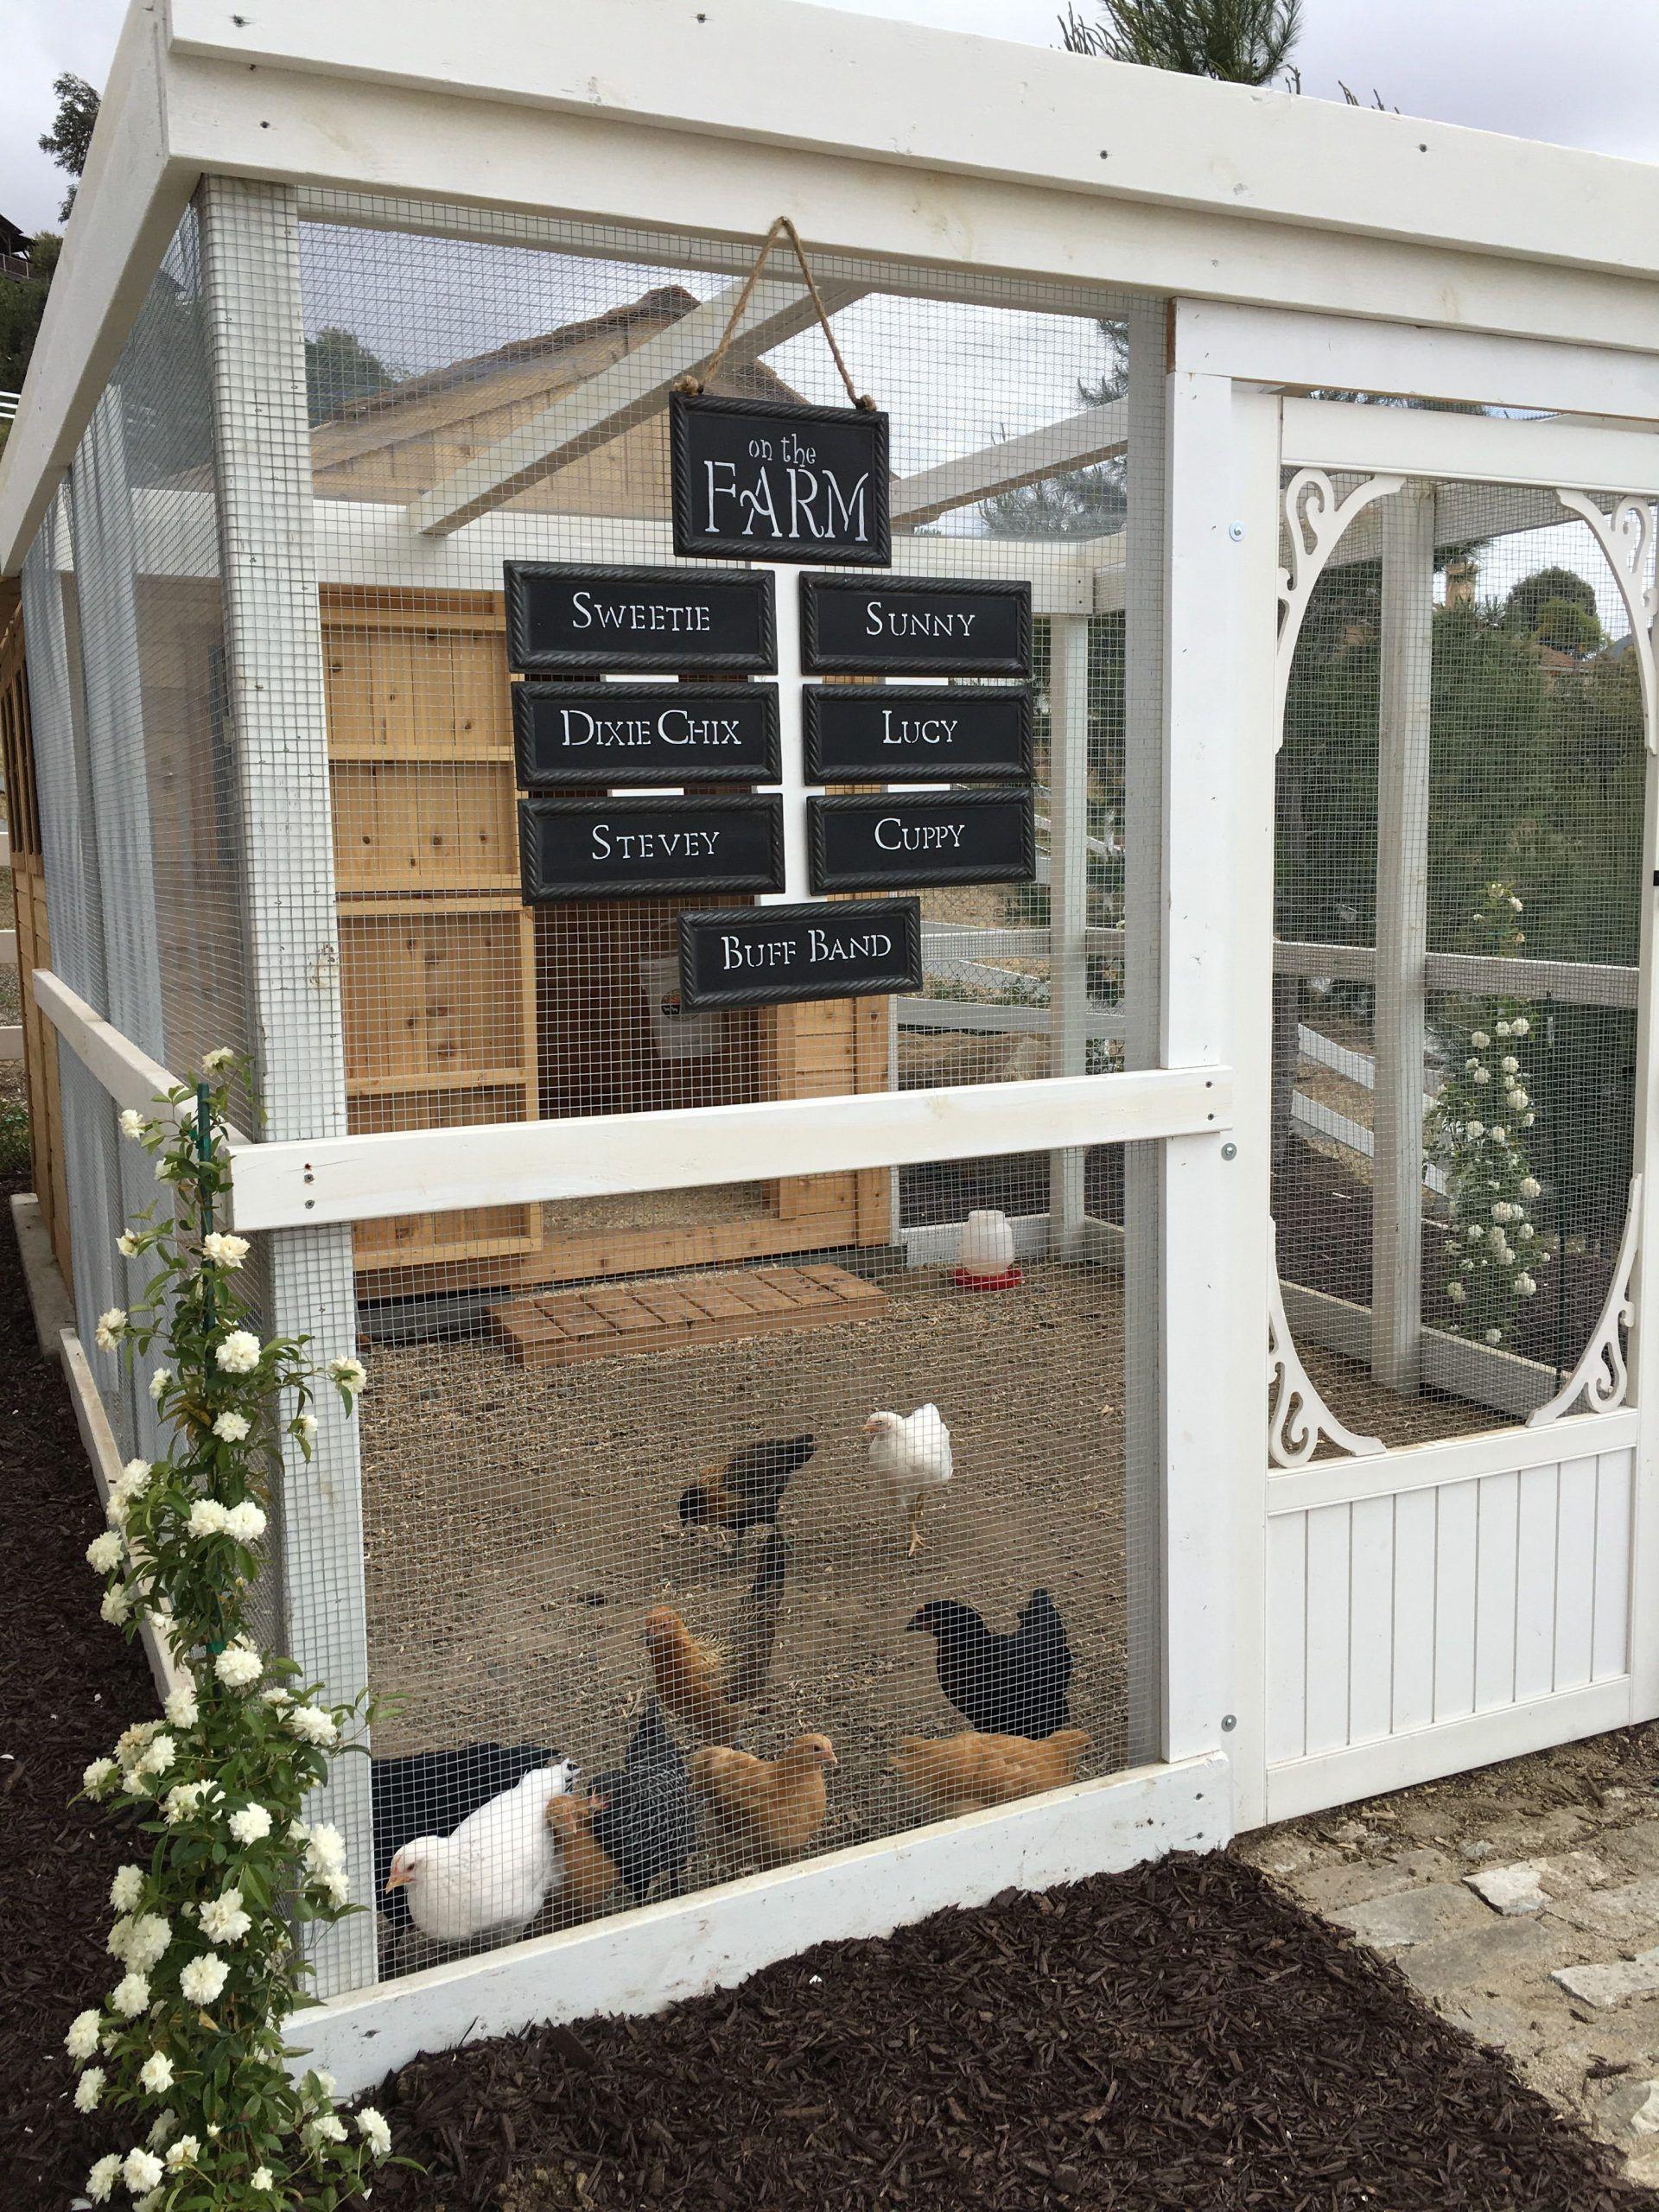 15+ Beste kreative Hühnerstall-Dekor-Ideen zum Stehlen#beste #hühnerstalldekorideen #kreative #stehlen #zum